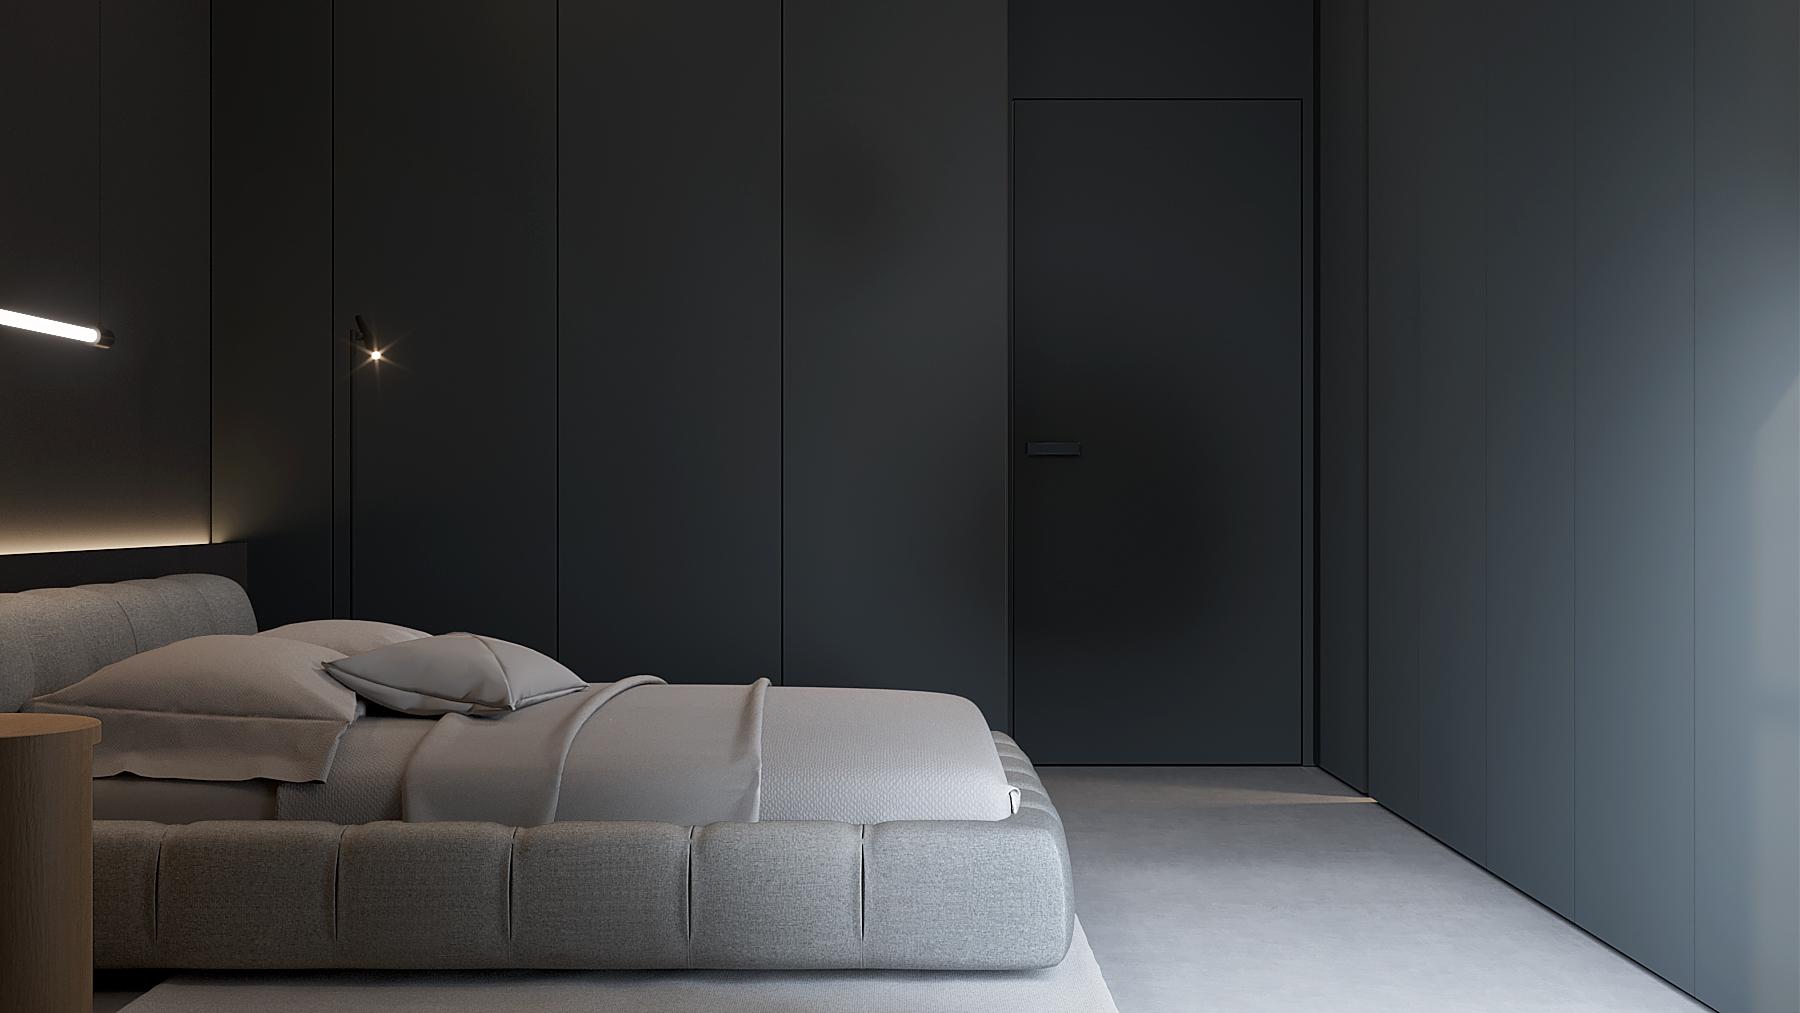 11 aranzacja wnetrz M598 mieszkanie Krakow sypialnia szare lozko betonowa posadzka zabudowa meblowa czarna